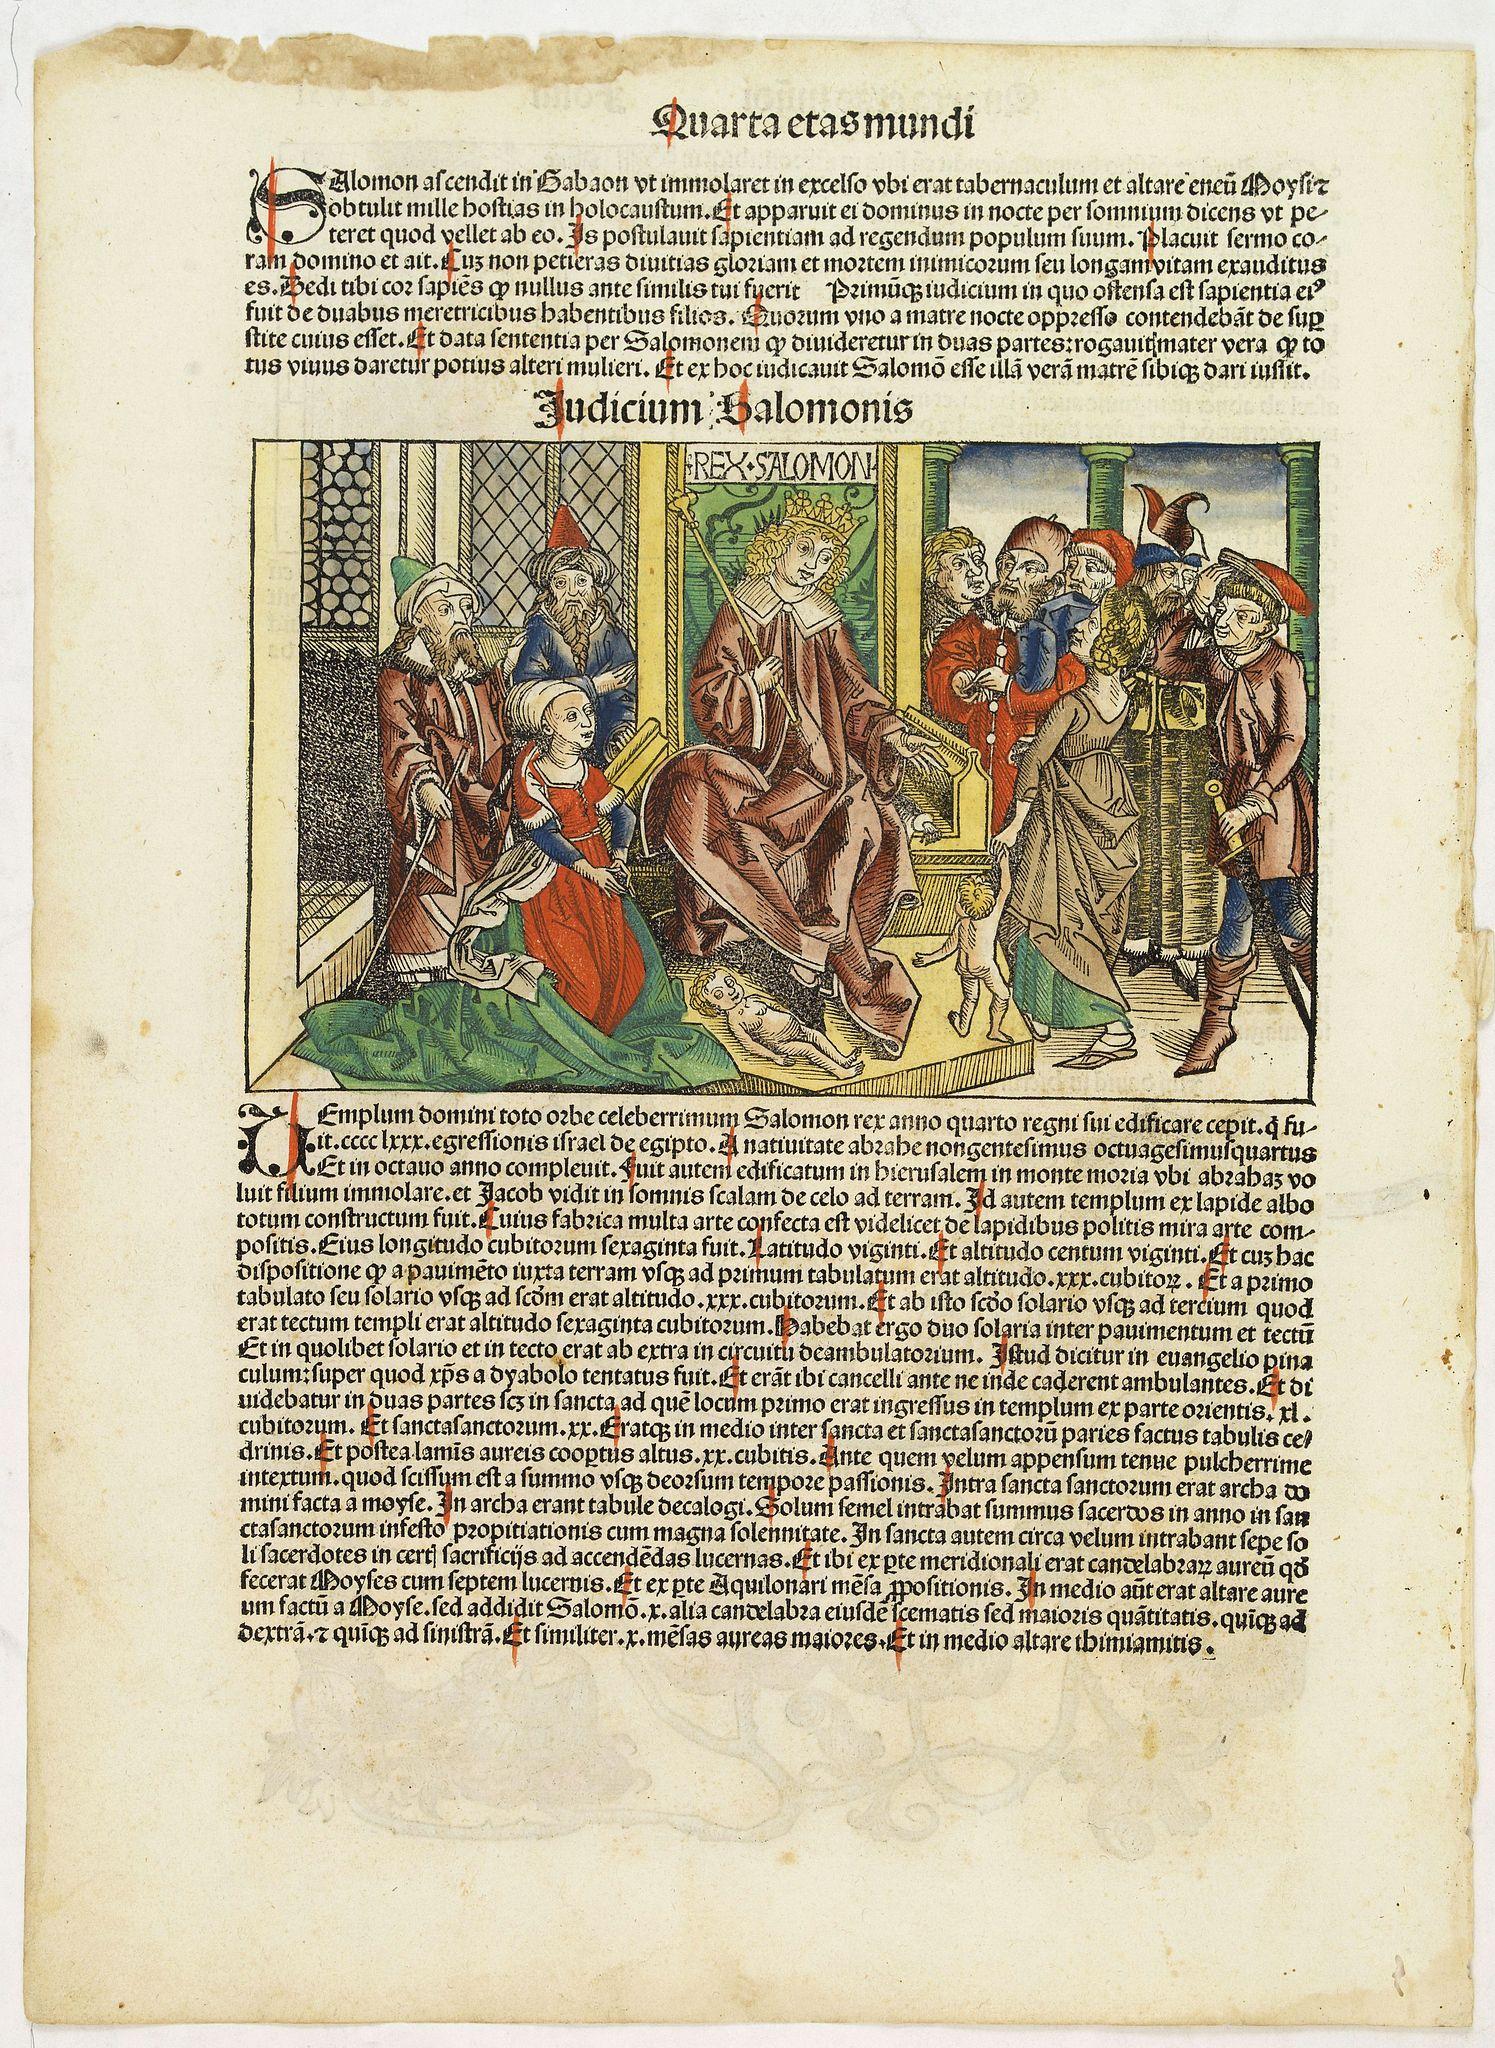 SCHEDEL, H. -  Quarta Etas Mundi. Folium. XLVII